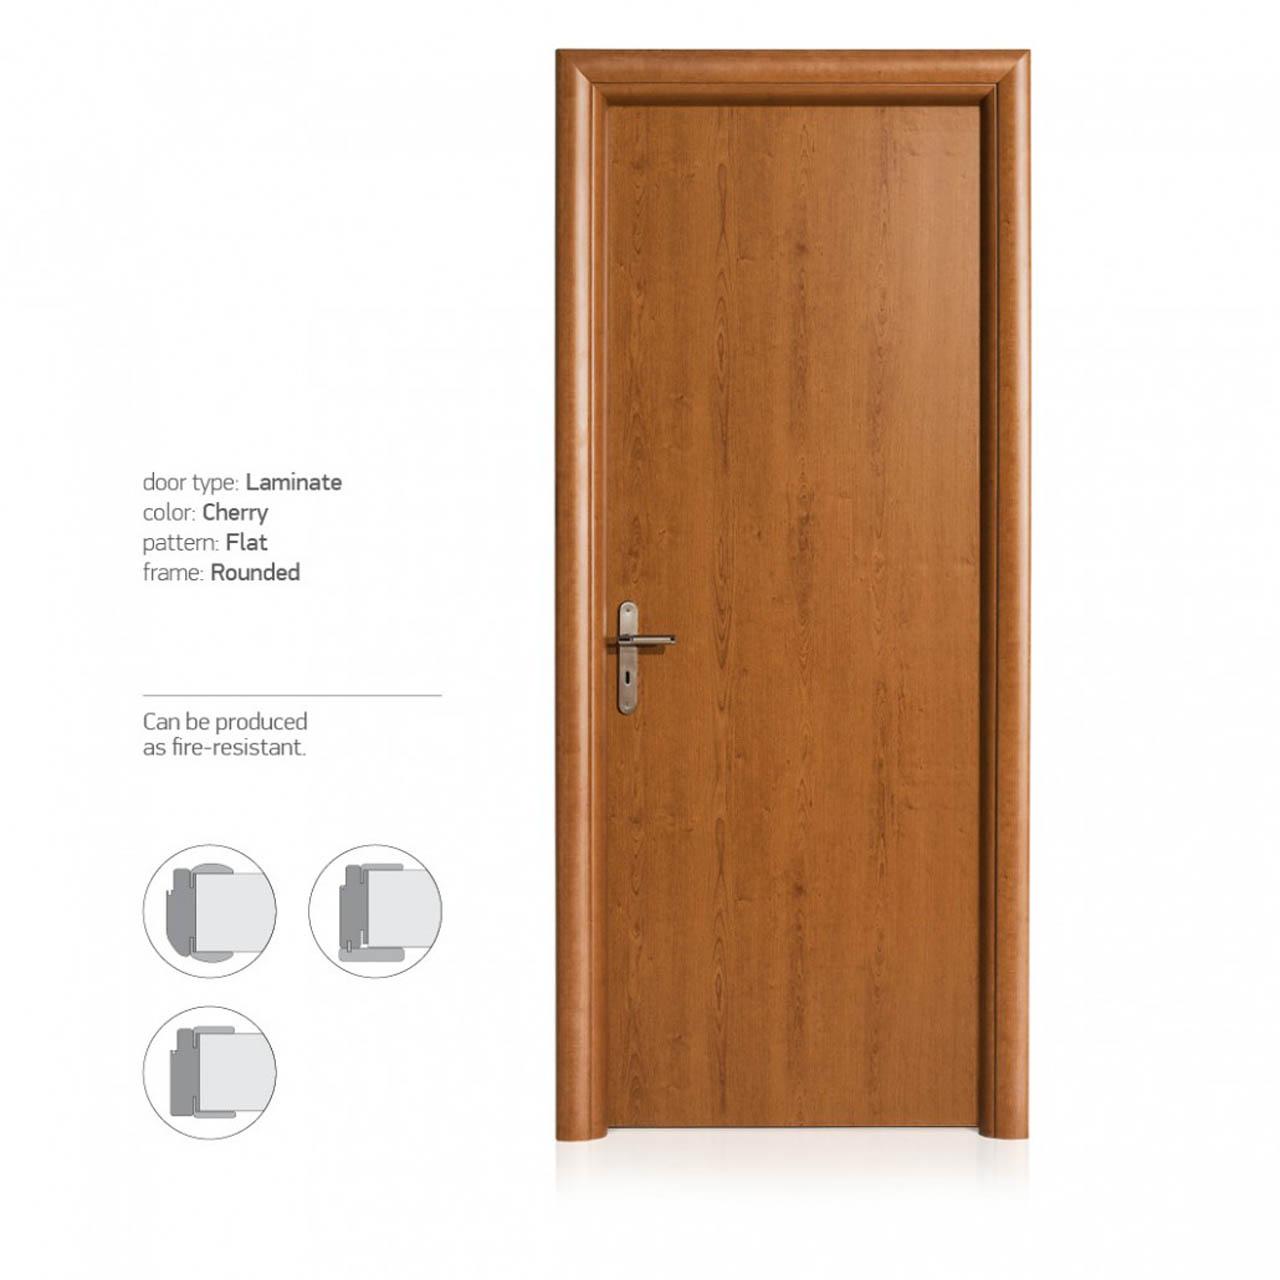 portes-site-laminate-eng5-1030x1030